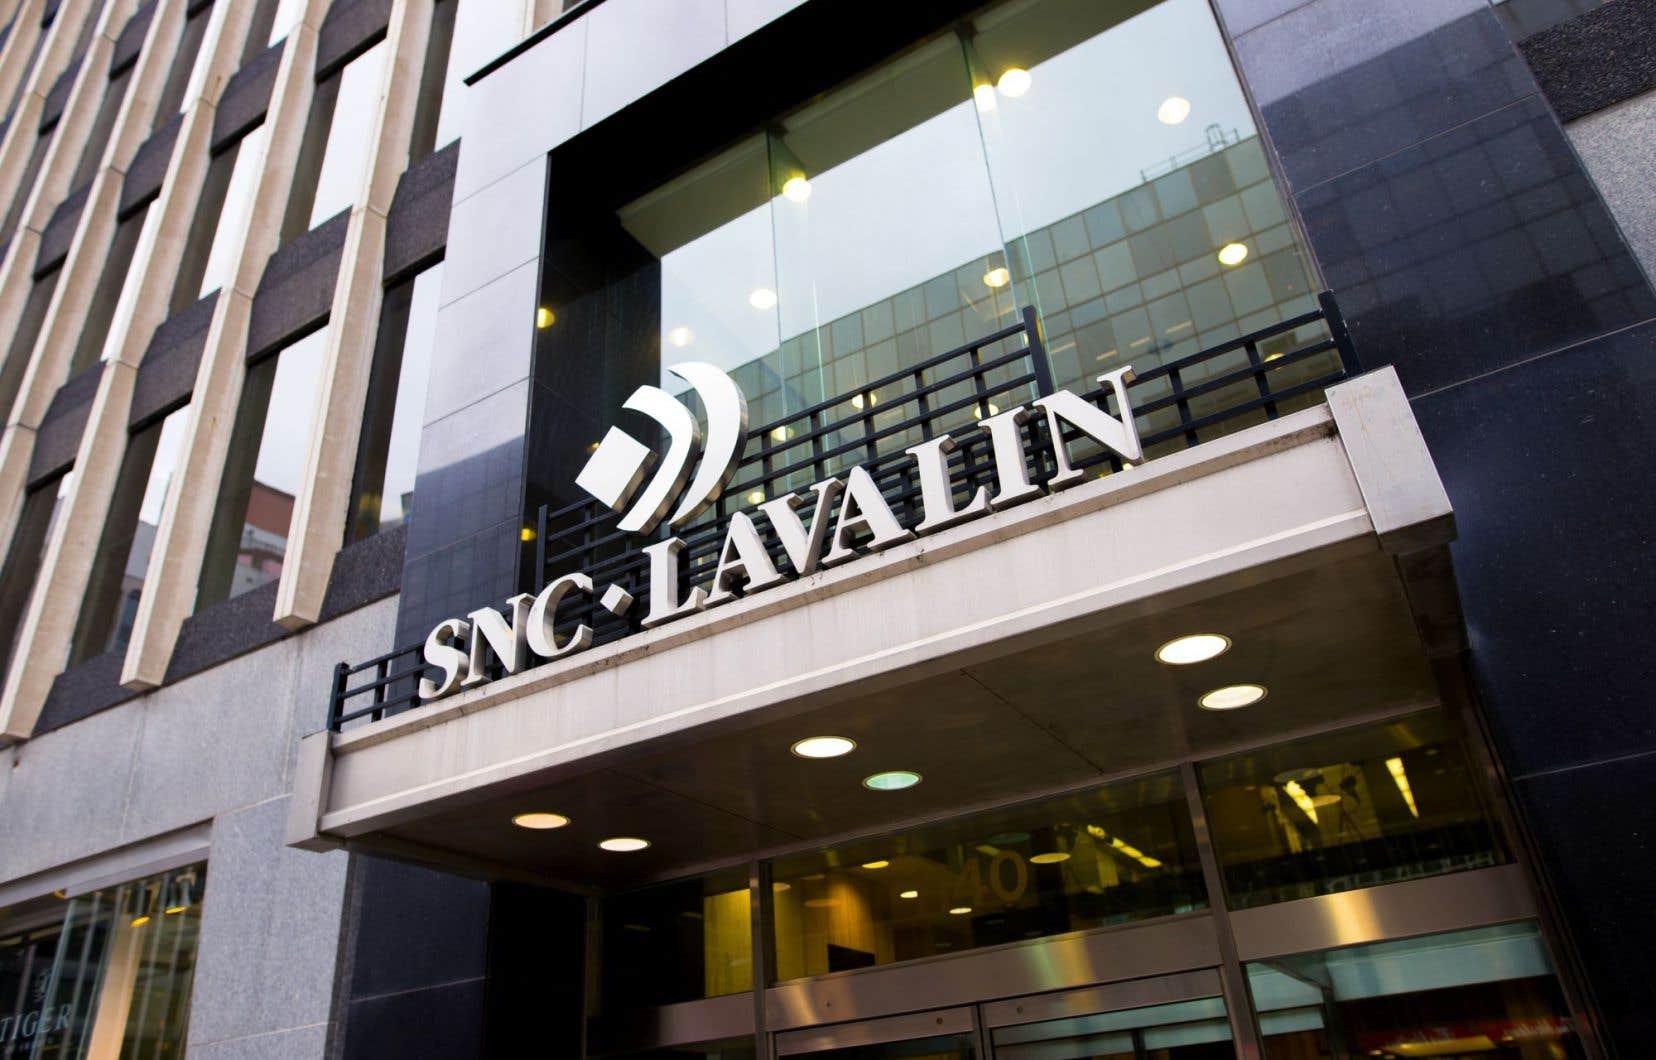 La commission Charbonneau avait permis d'établir que SNC-Lavalin avait versé près de 1,5 million de dollars en contributions illégales au Parti libéral du Québec, au Parti québécois ainsi que sur la scène municipale de 1998 à 2010.